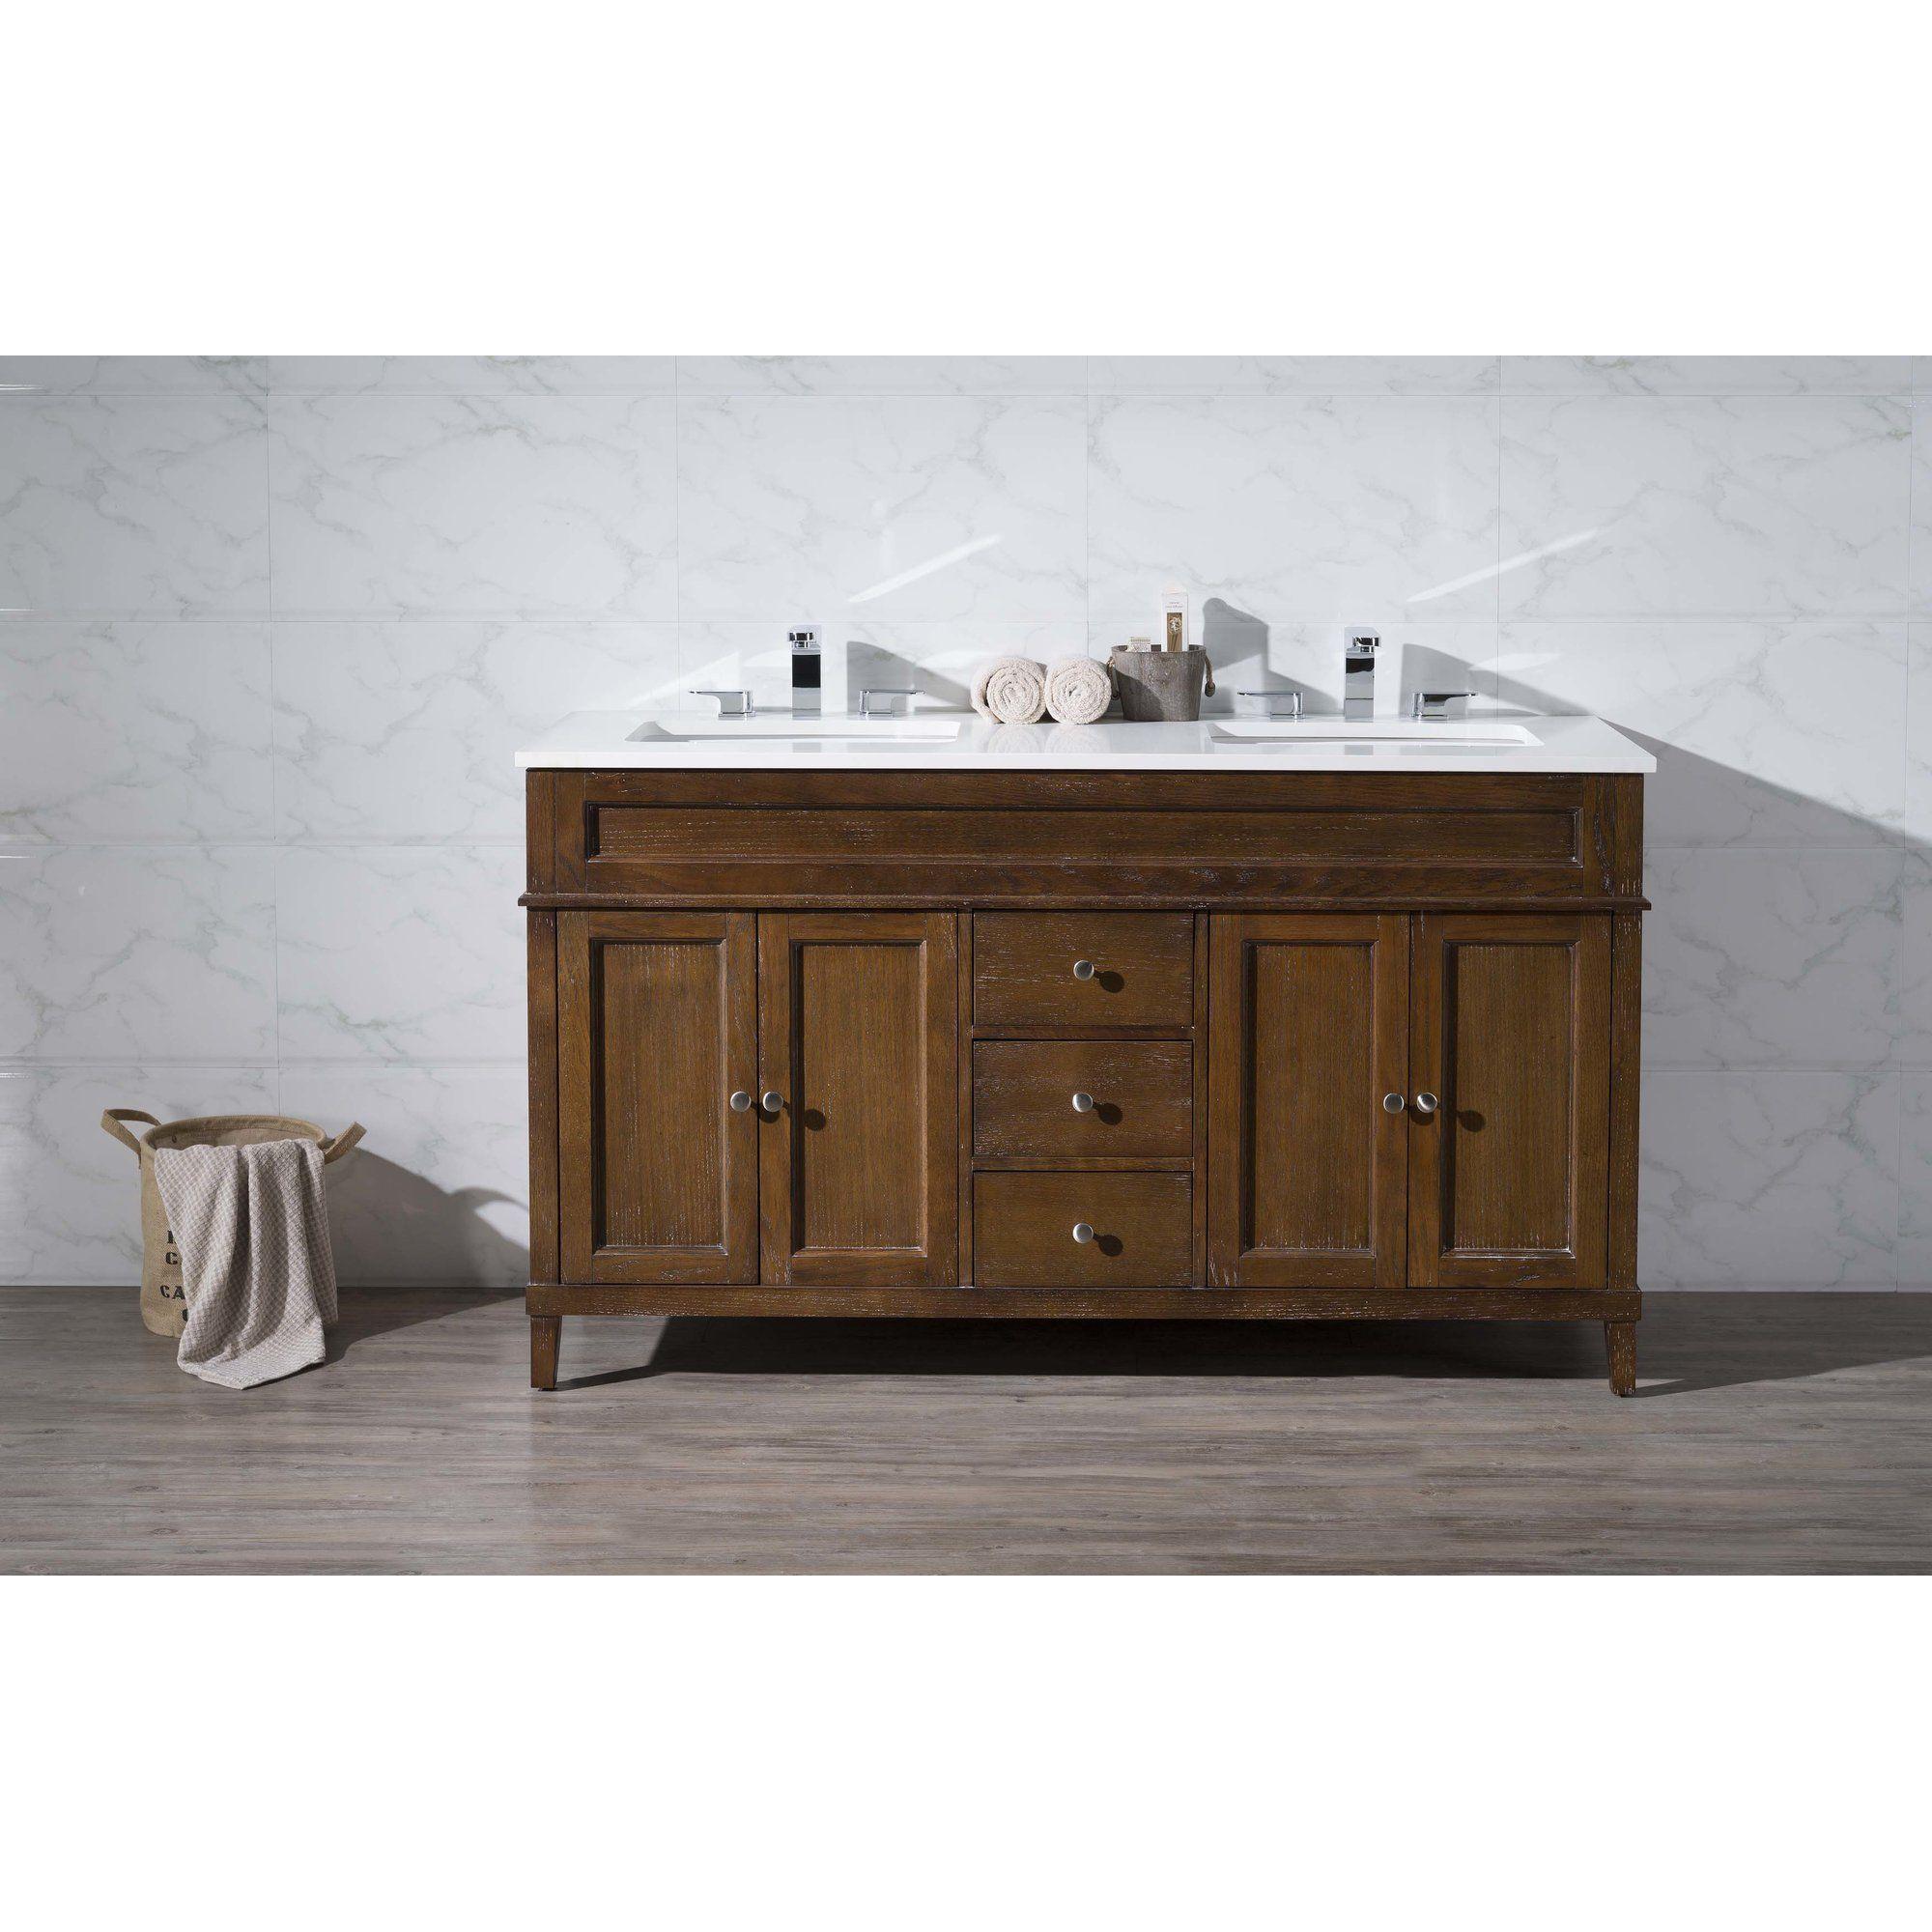 Bethany 59 Double Sink Bathroom Vanity Set 889 99